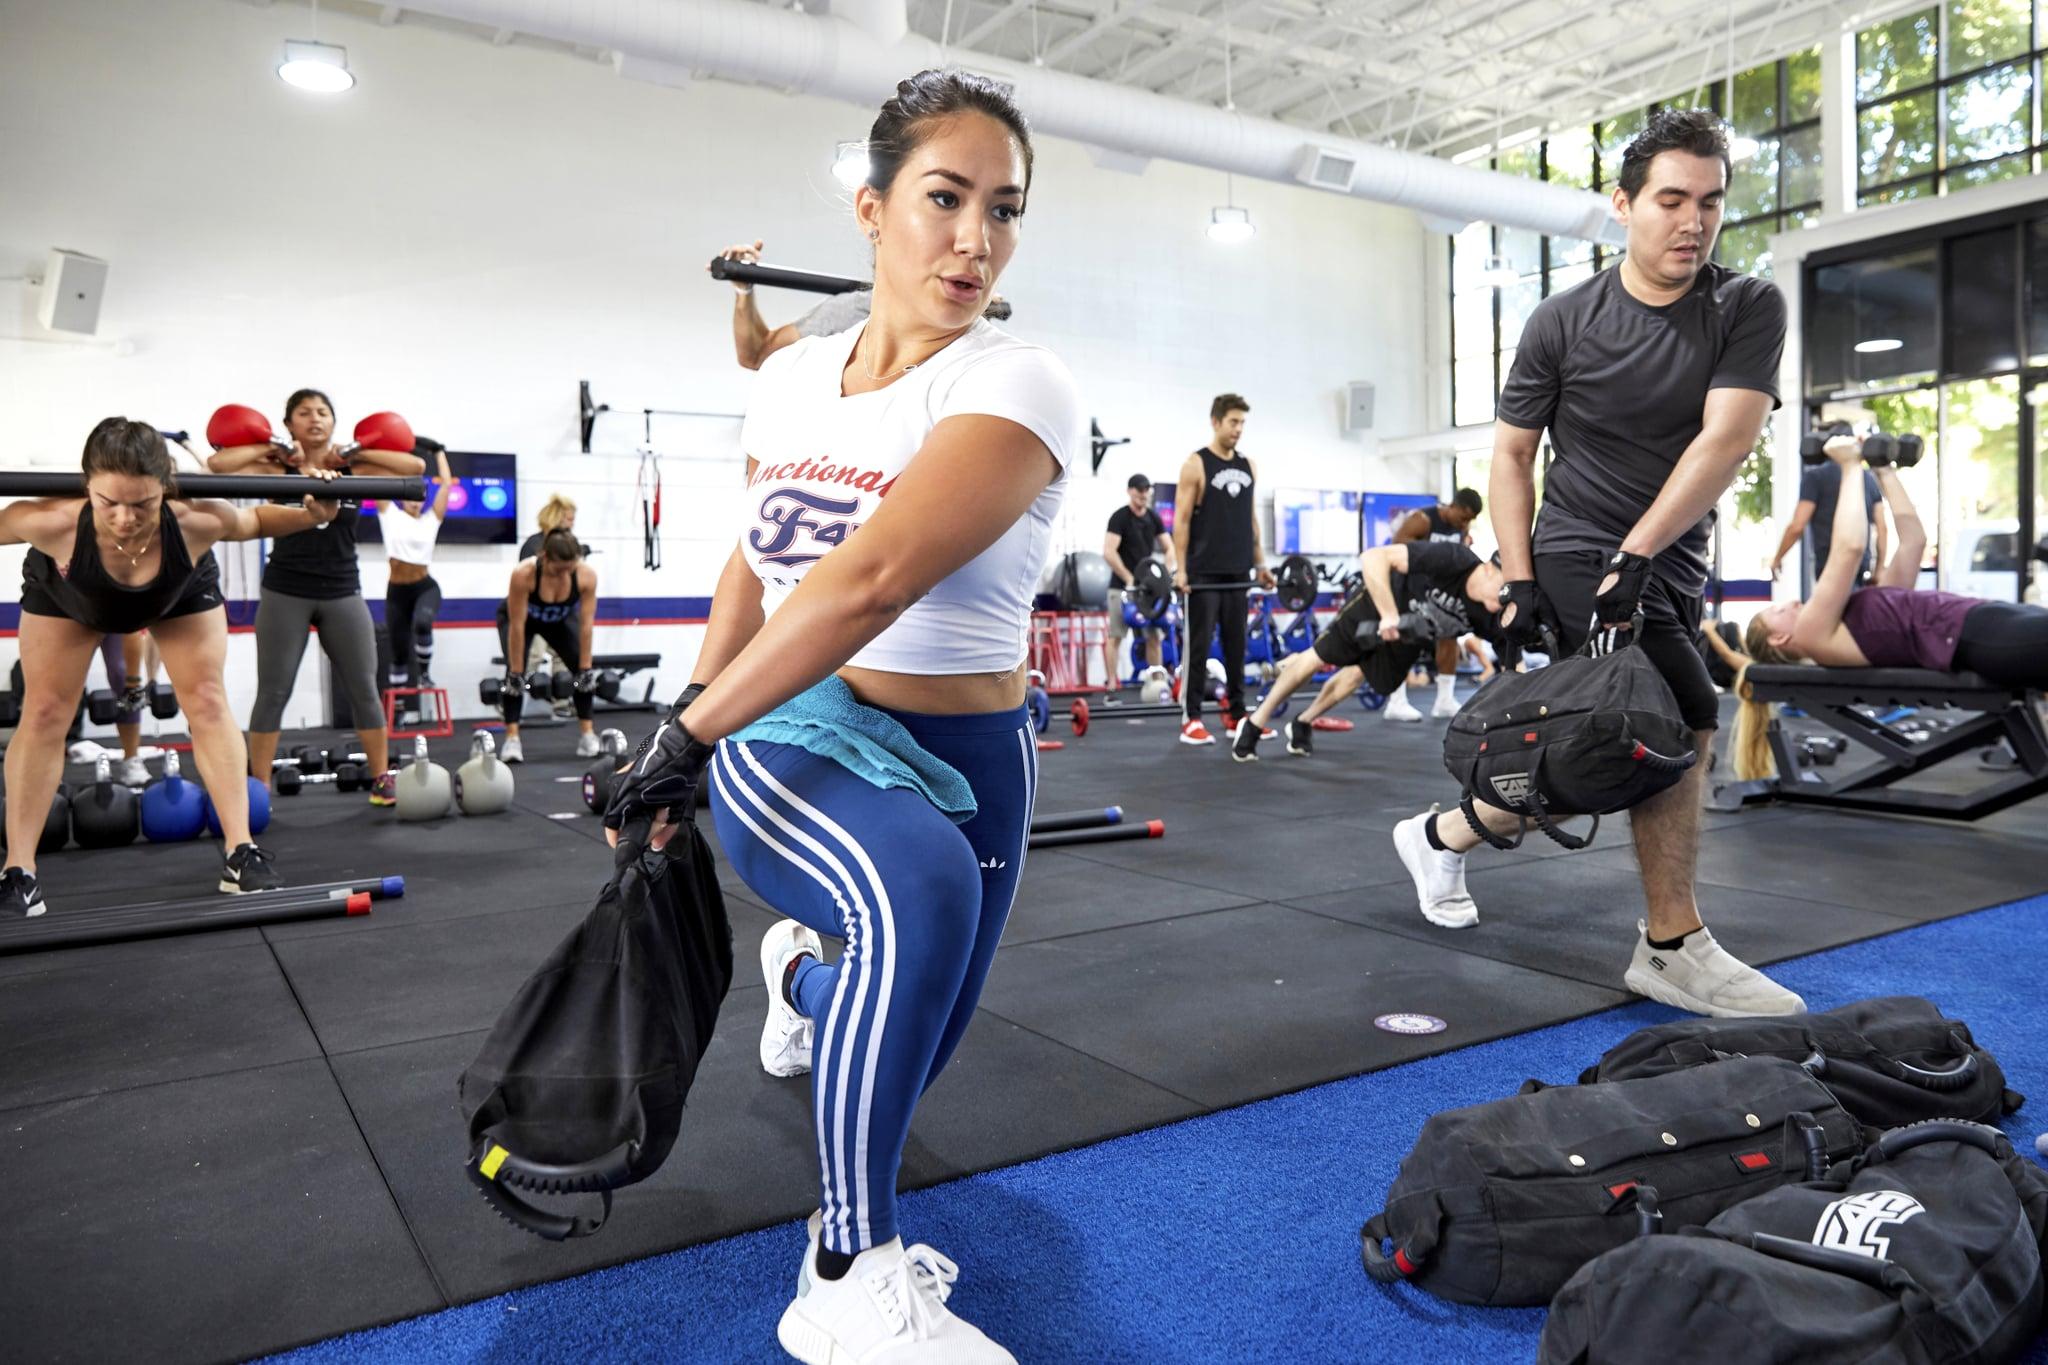 Is F45 High Intensity Interval Training?   POPSUGAR Fitness UK